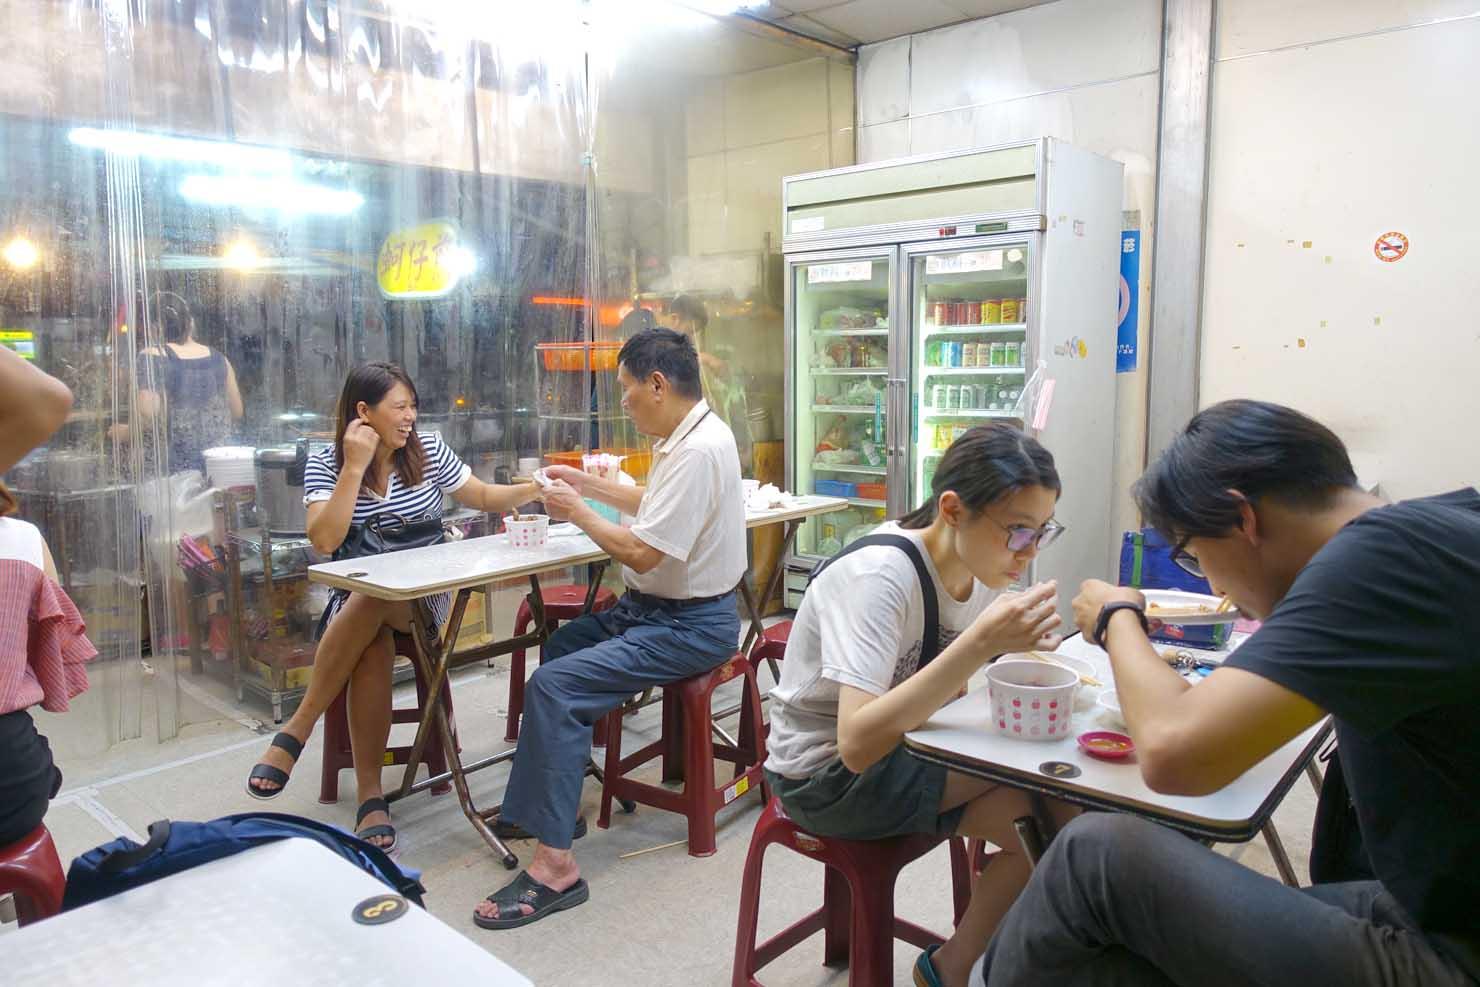 台北・士林夜市のおすすめグルメ店「上等十全排骨」の店内